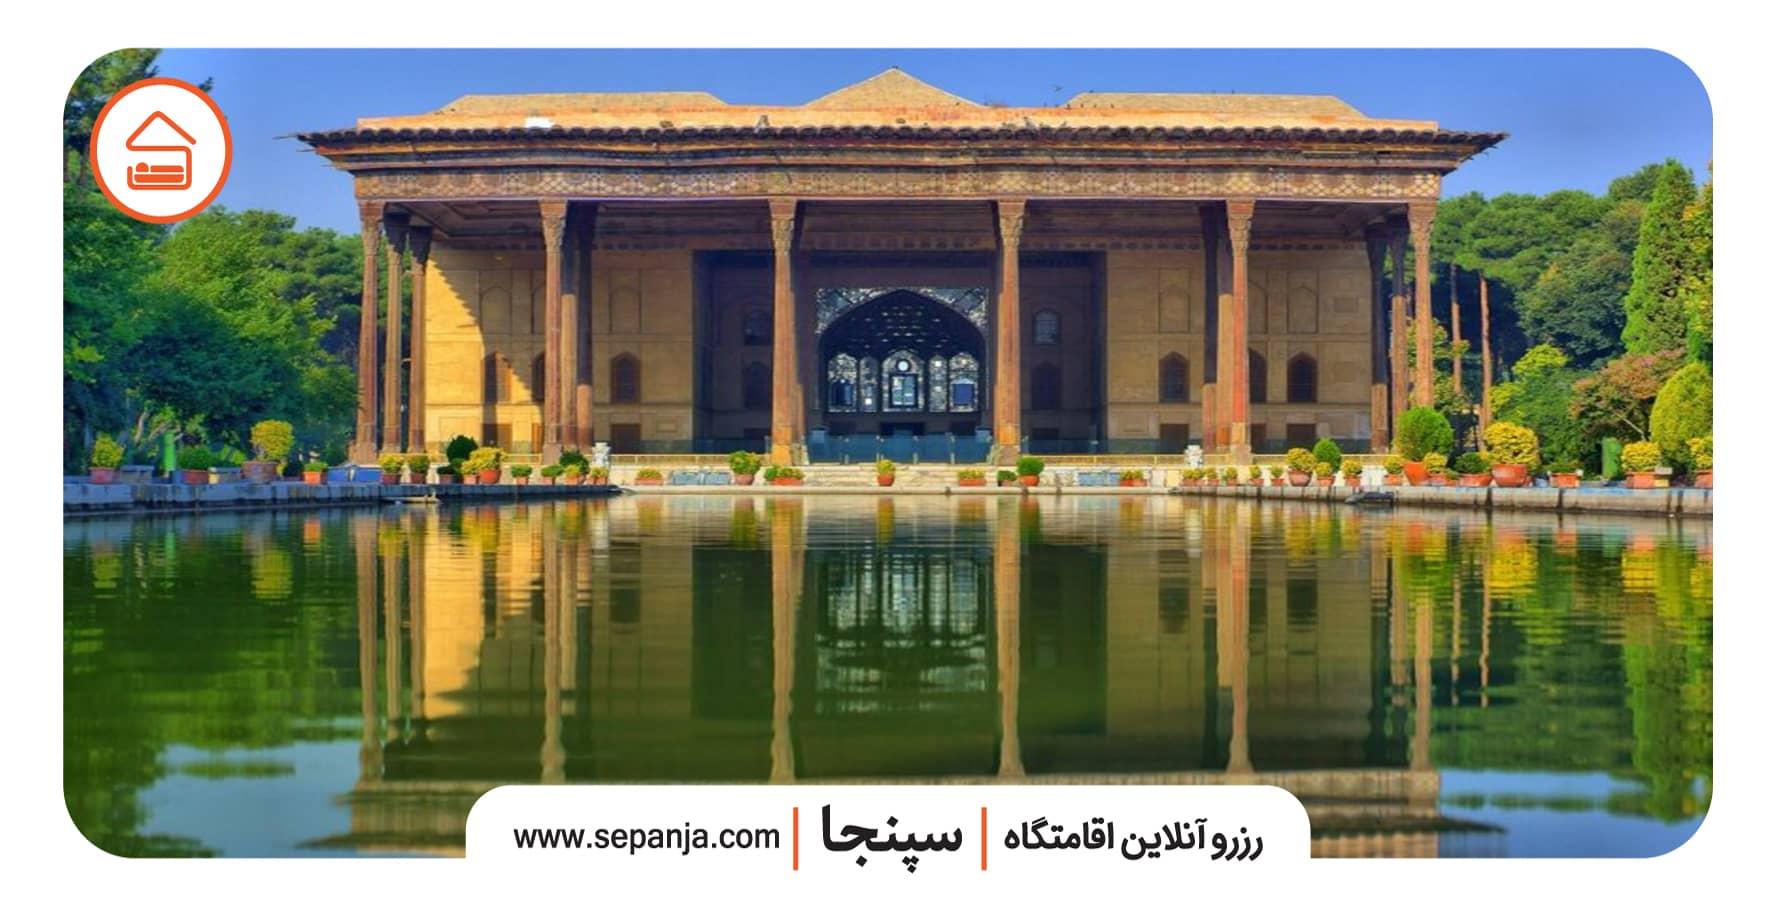 کاخ چهل ستون از بهترین جاهای دیدنی اصفهان